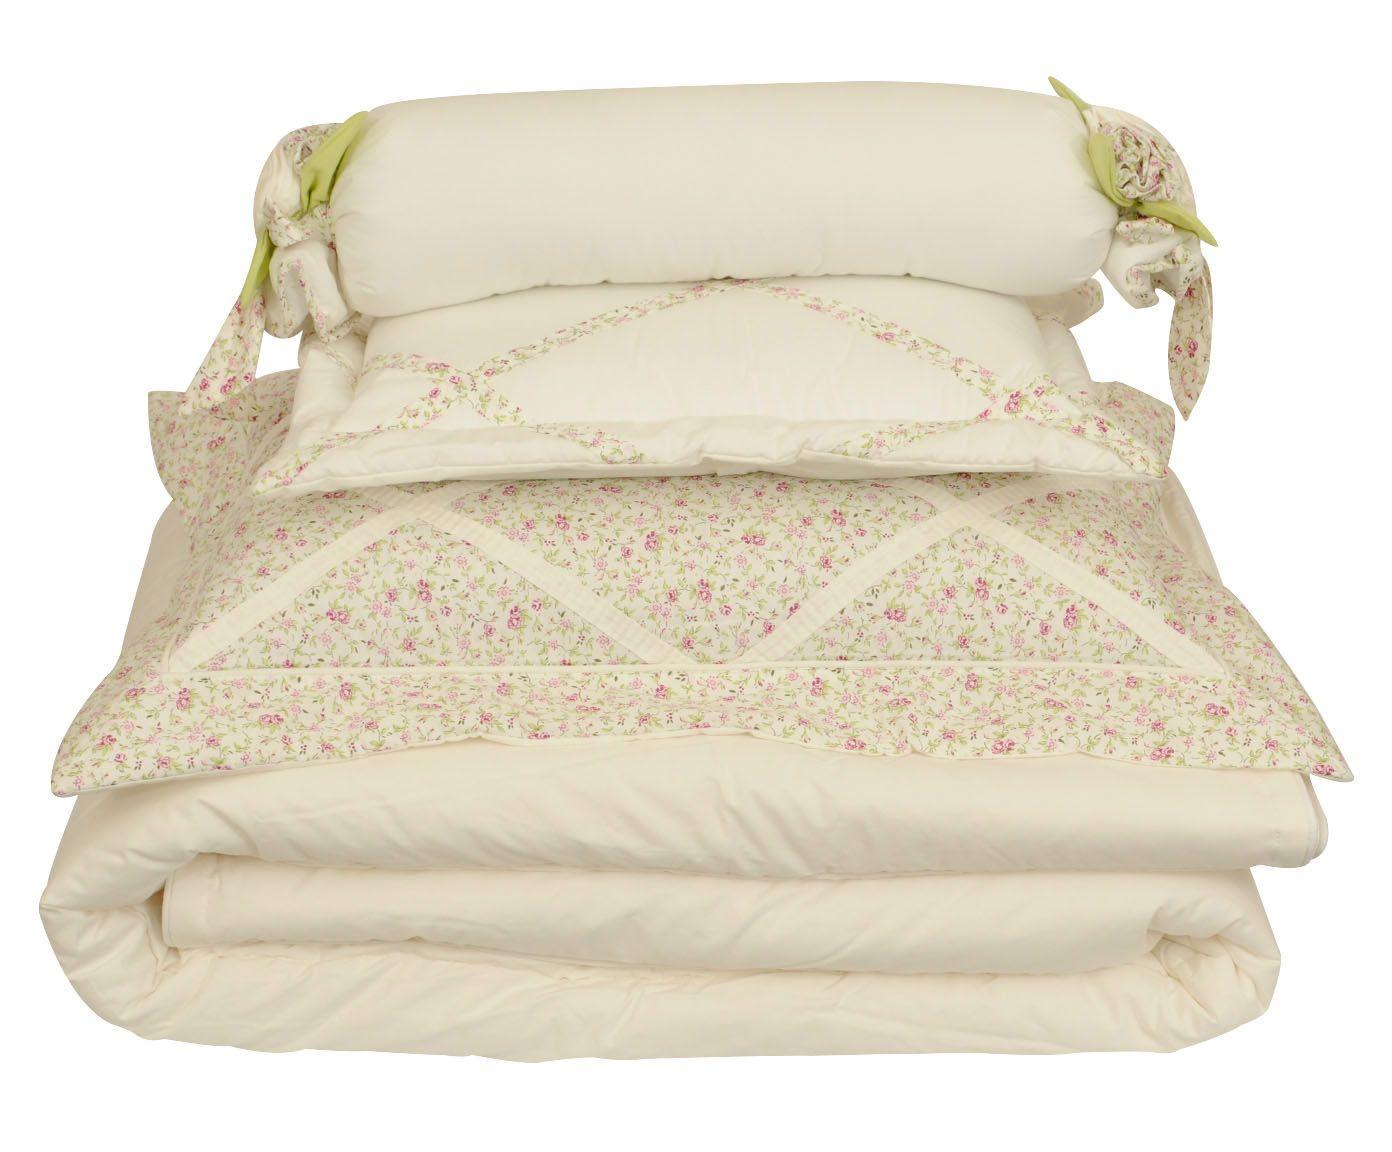 Jogo lastis para cama queen size 200 fios   Westwing.com.br